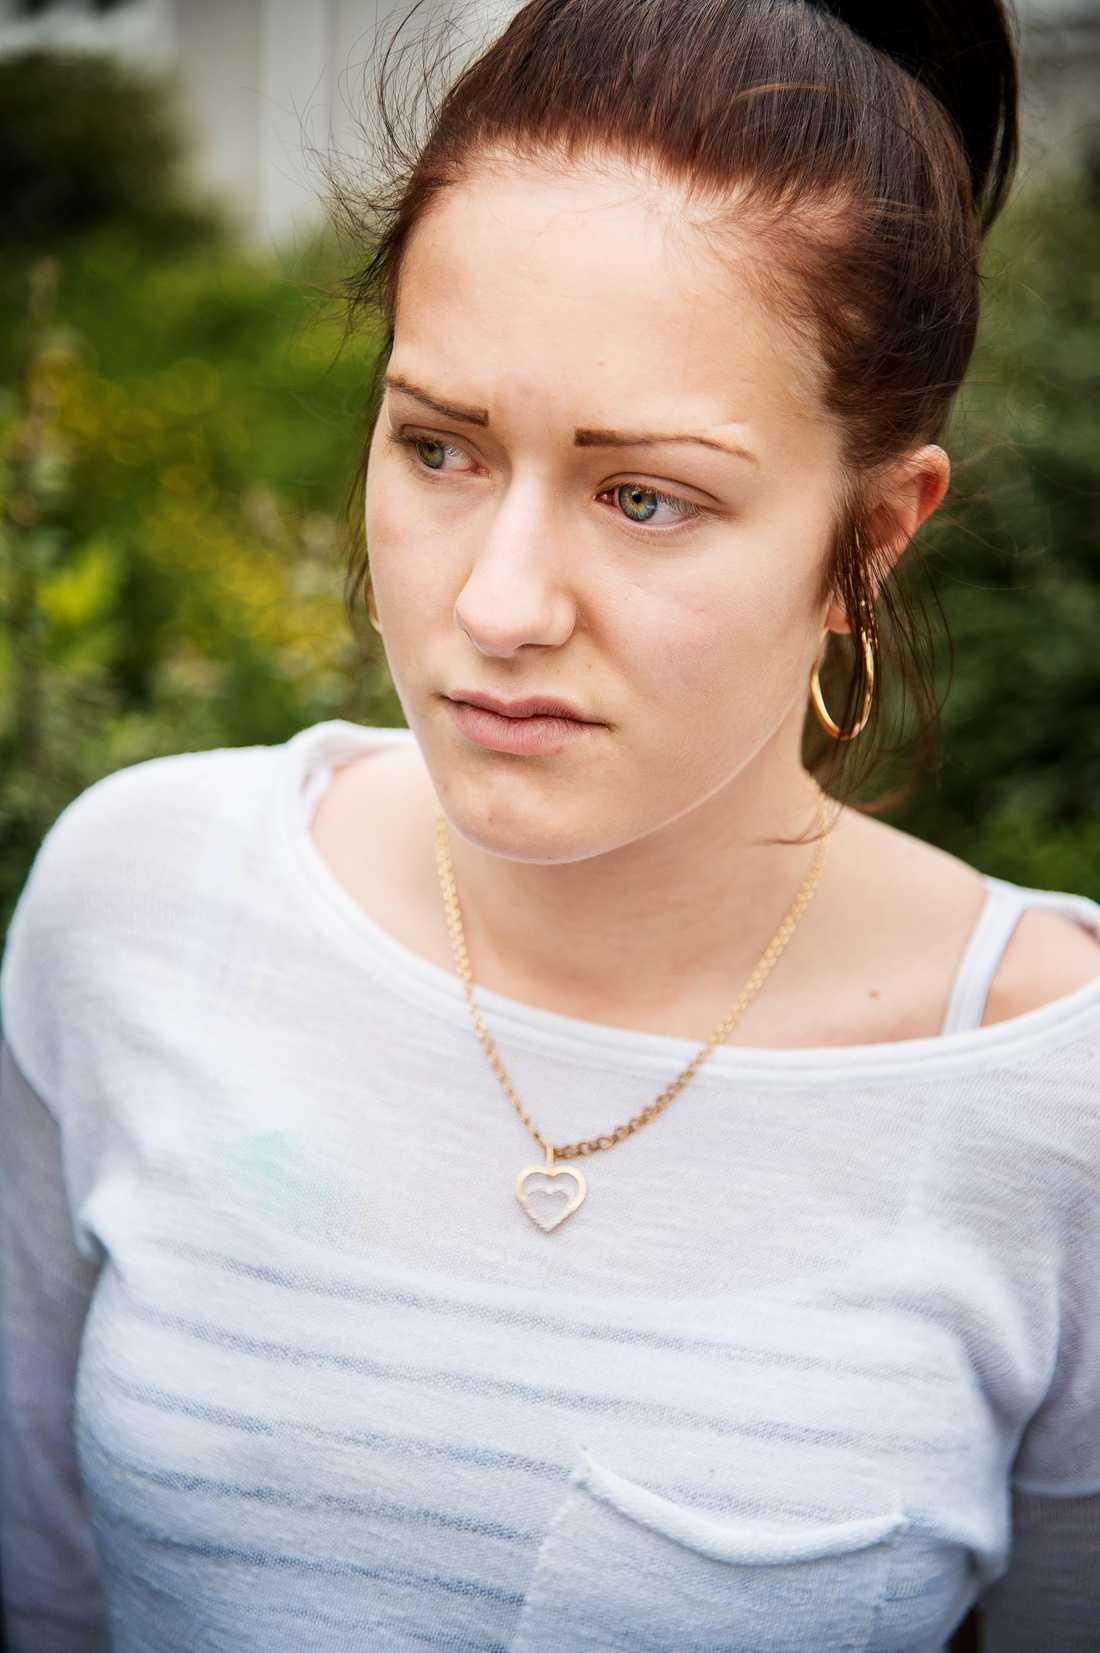 Nathalie Stolpe, 18, var en av den mördade 20-åriga kvinnans bästa vänner. De hade bestämt att de skulle träffats kommande helg för att gå på Jönköpings marknad. – Nu blir det inte så, det känns helt fruktansvärt, säger hon till Aftonbladet.